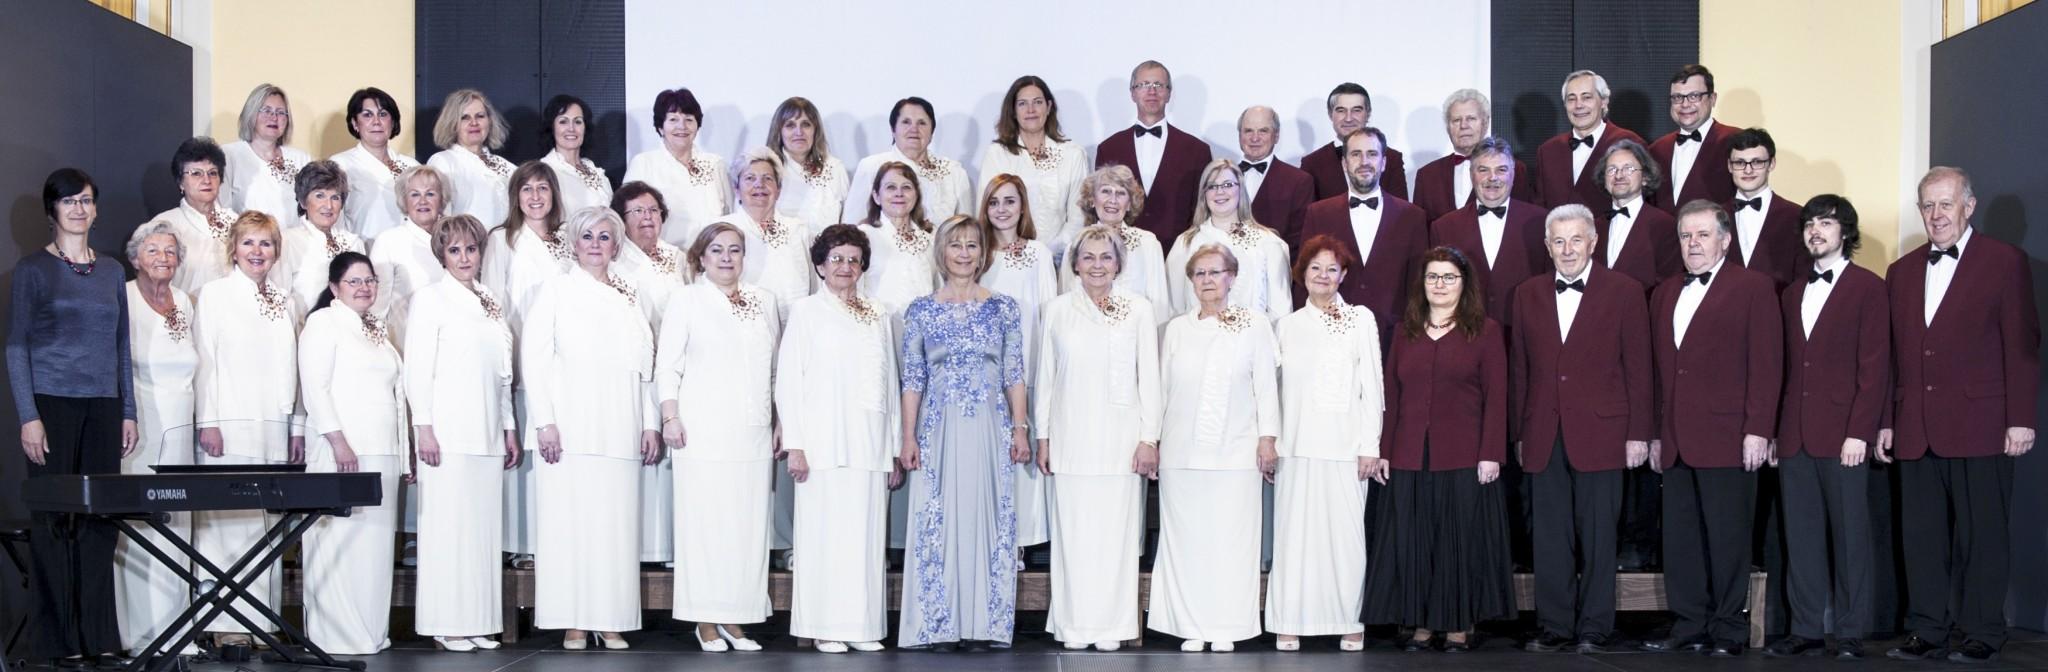 Choir Janacek a